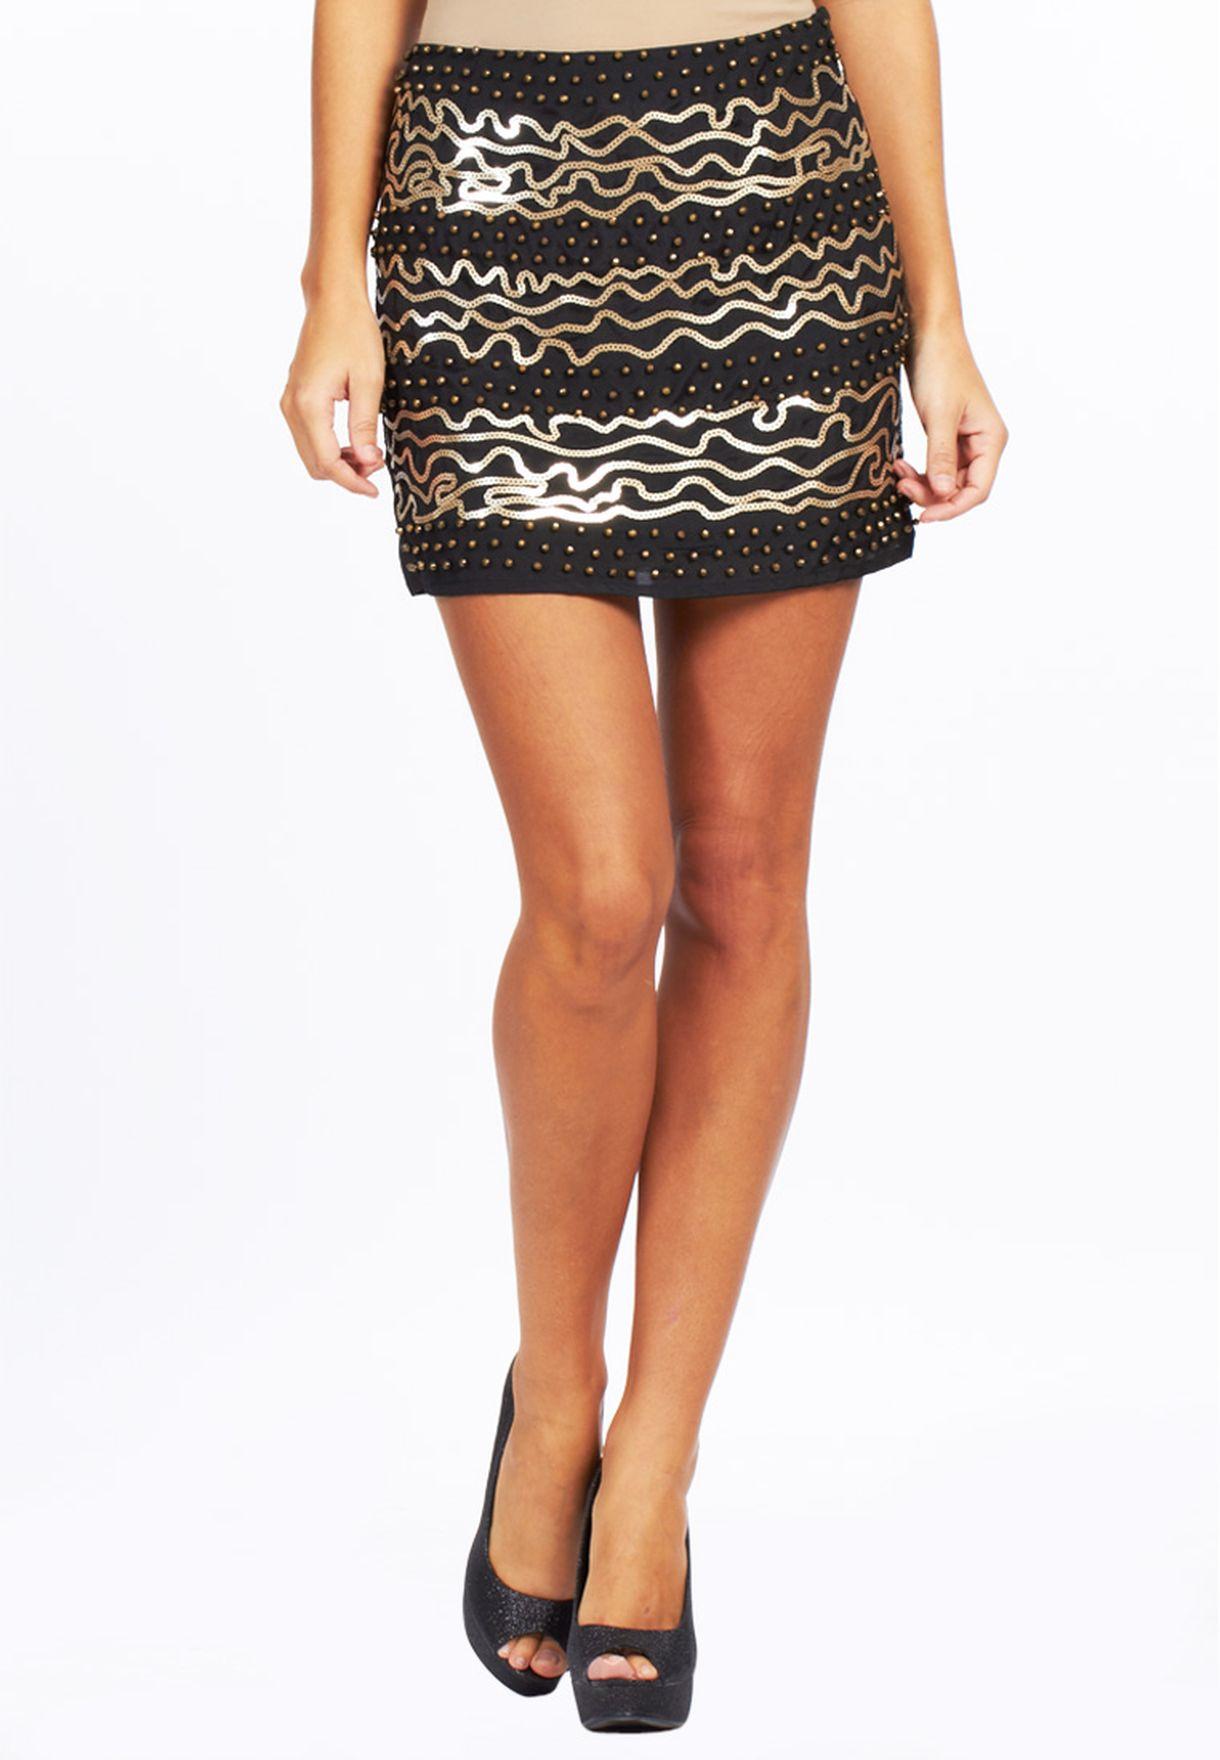 6eacff4acf29 Shop Ginger black Sequin Mini Skirt for Women in UAE - GI121AT34EIB